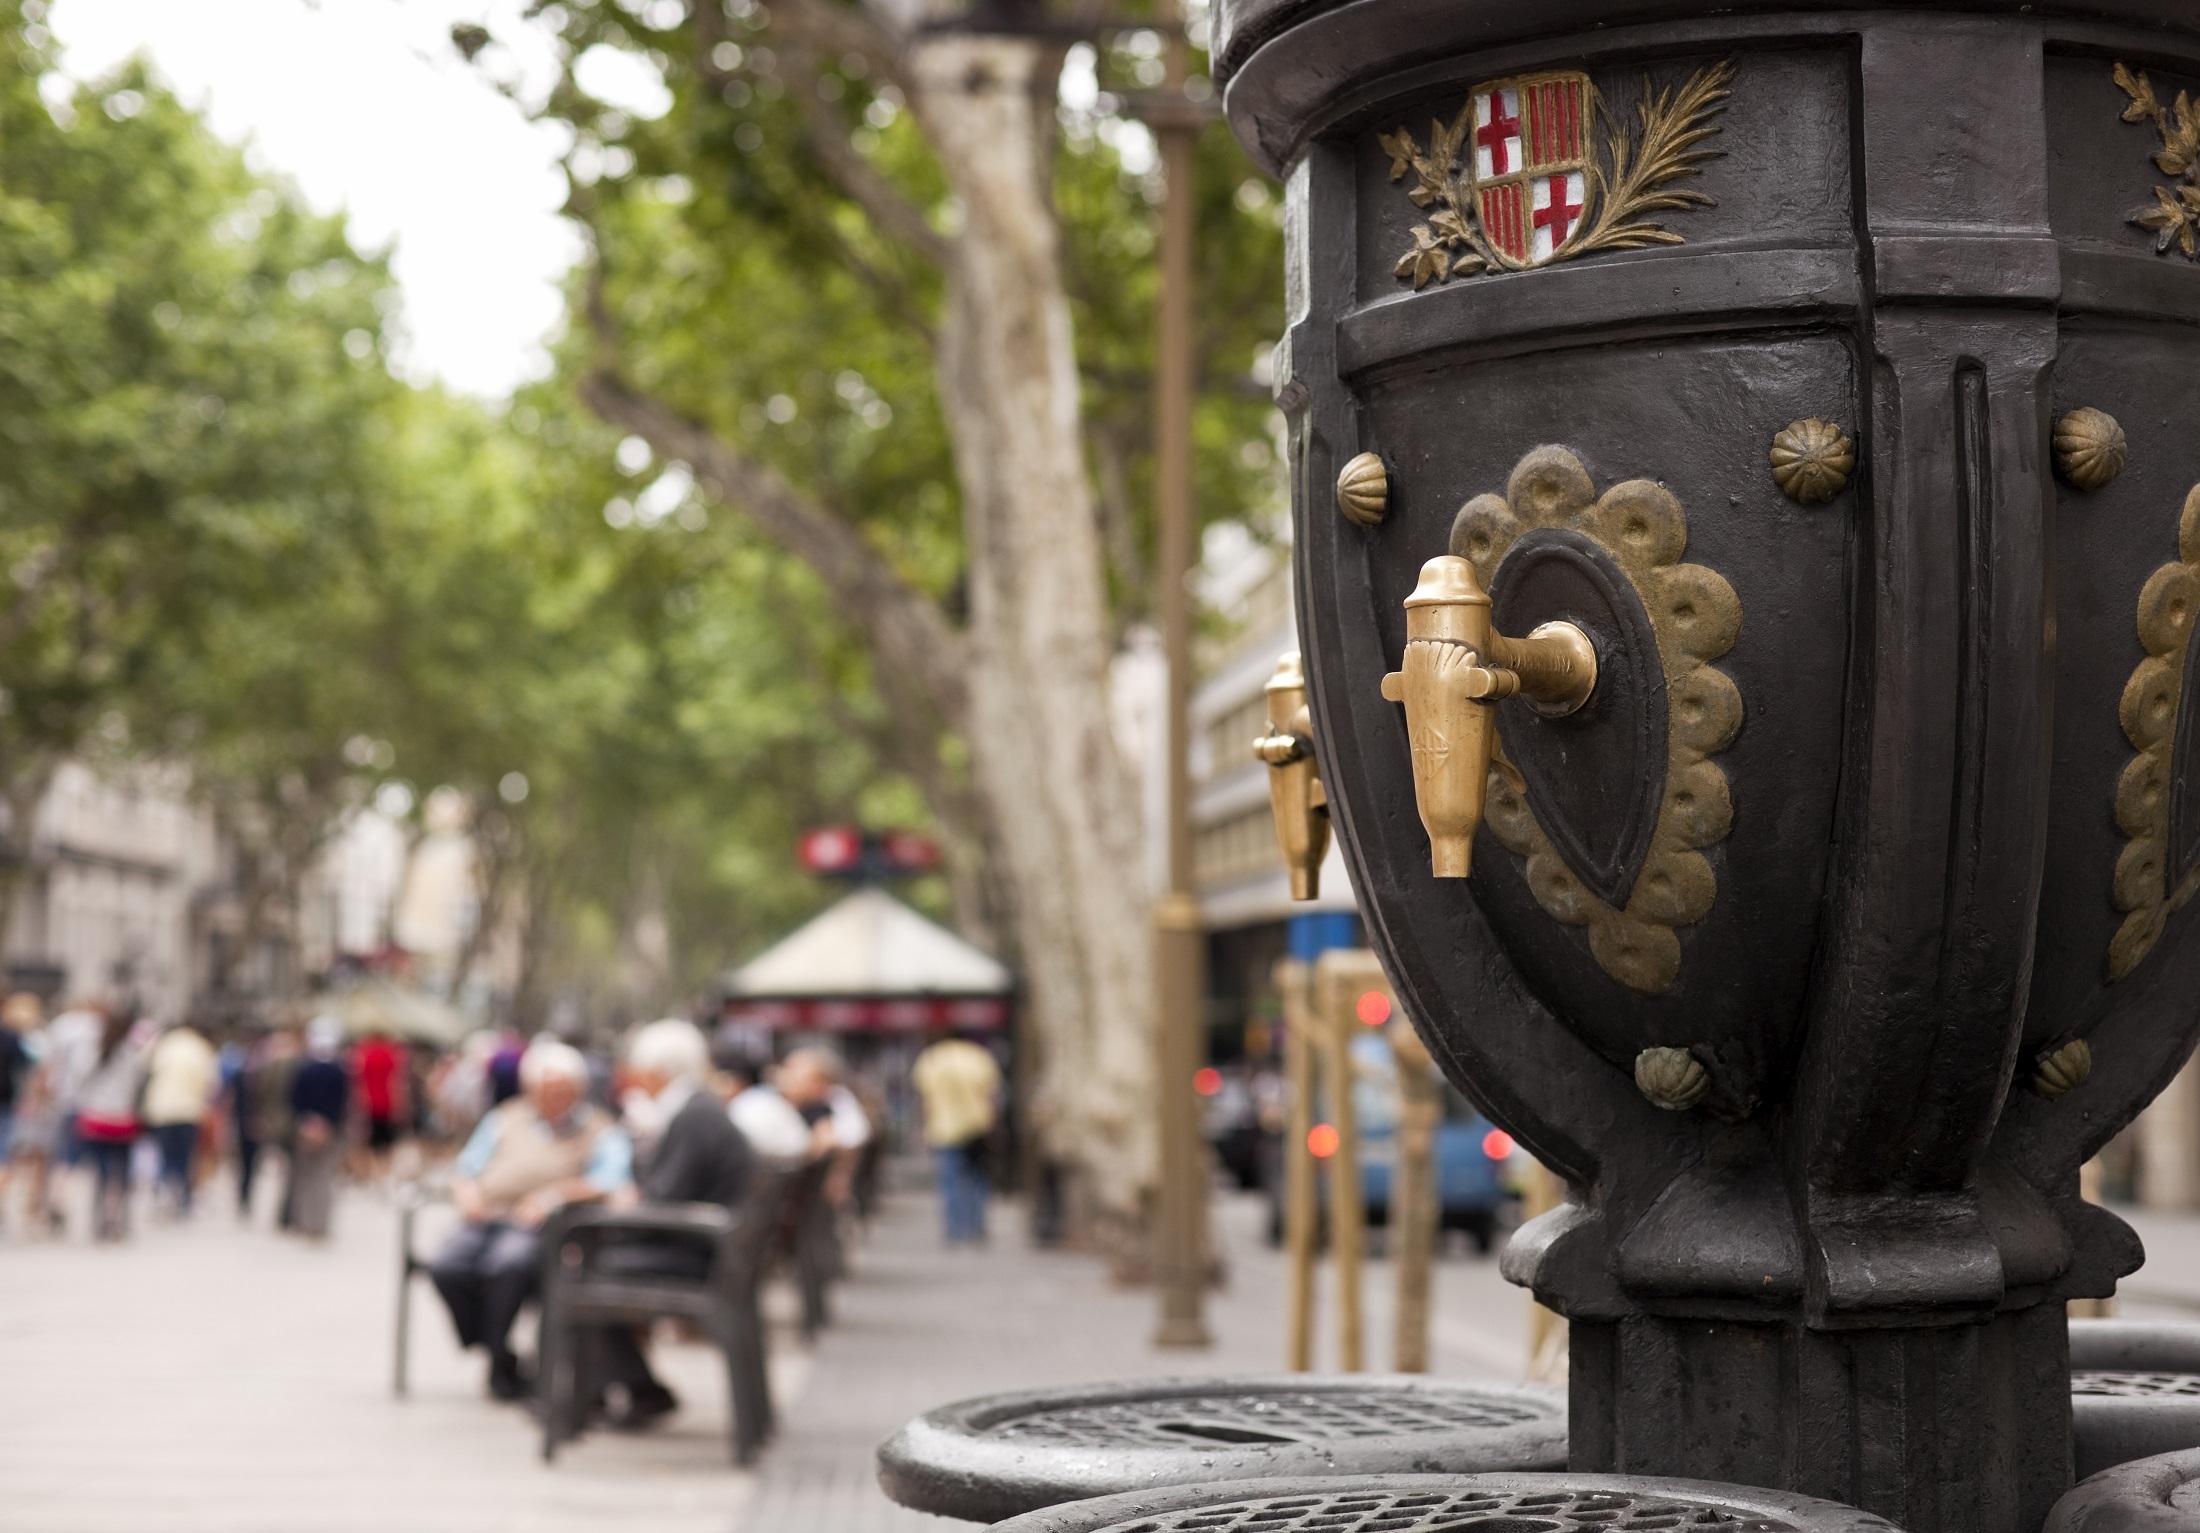 L'aigua a Barcelona: d'una gestió irregular d'Agbar a una possible municipalització